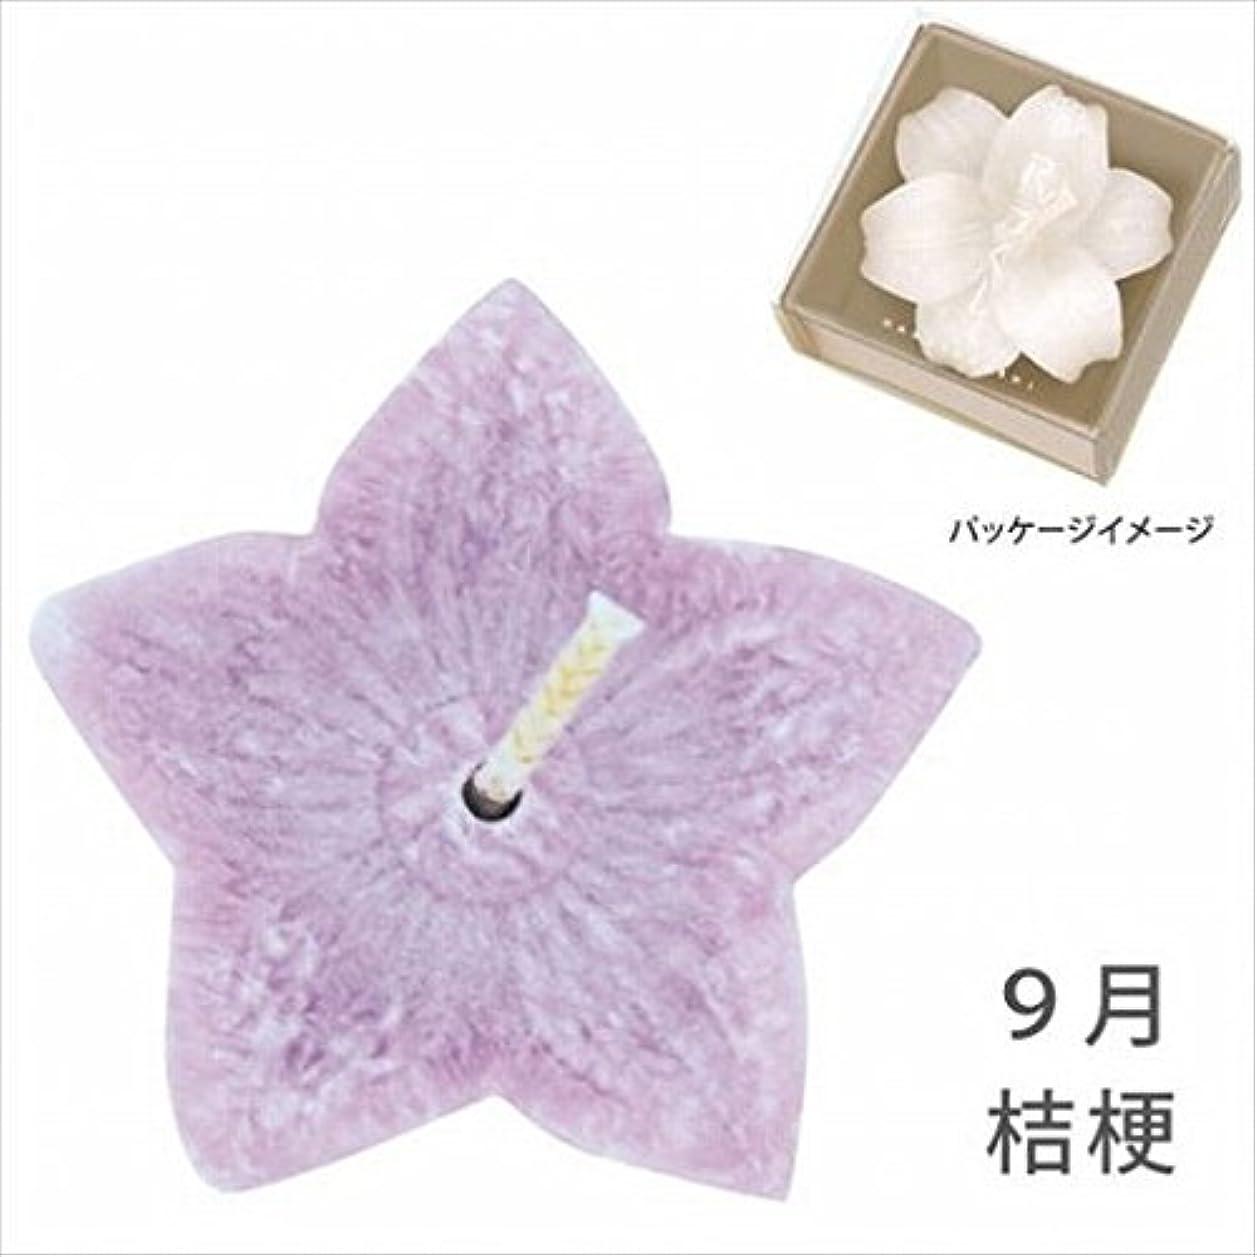 強化する母音オフェンスkameyama candle(カメヤマキャンドル) 花づくし(植物性) 桔梗 「 桔梗(9月) 」 キャンドル(A4620510)